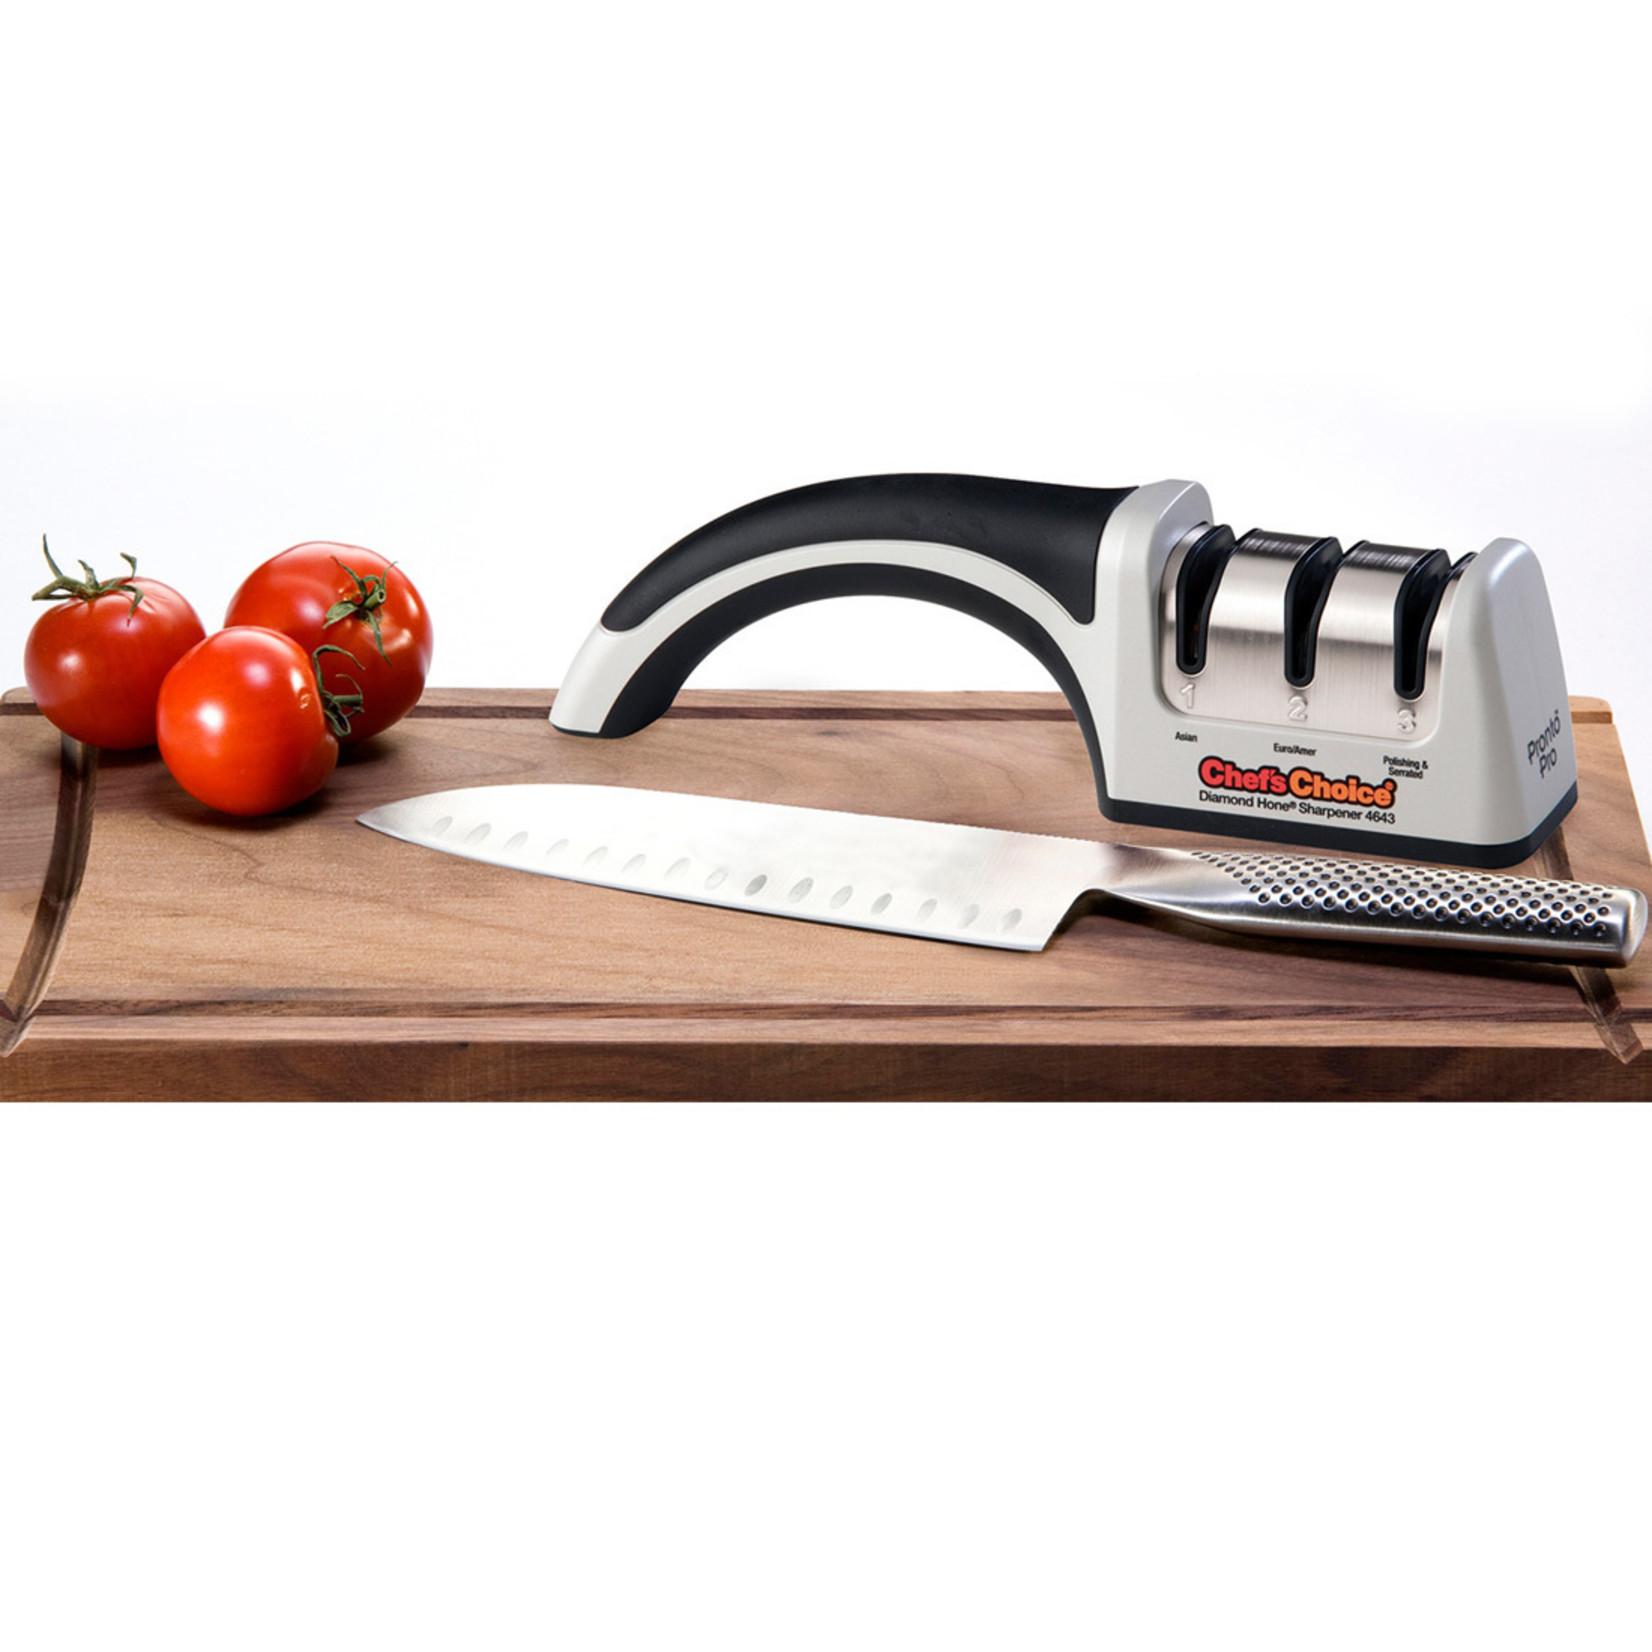 ChefsChoice Chef's Choice messenslijper ProntoPro 4643